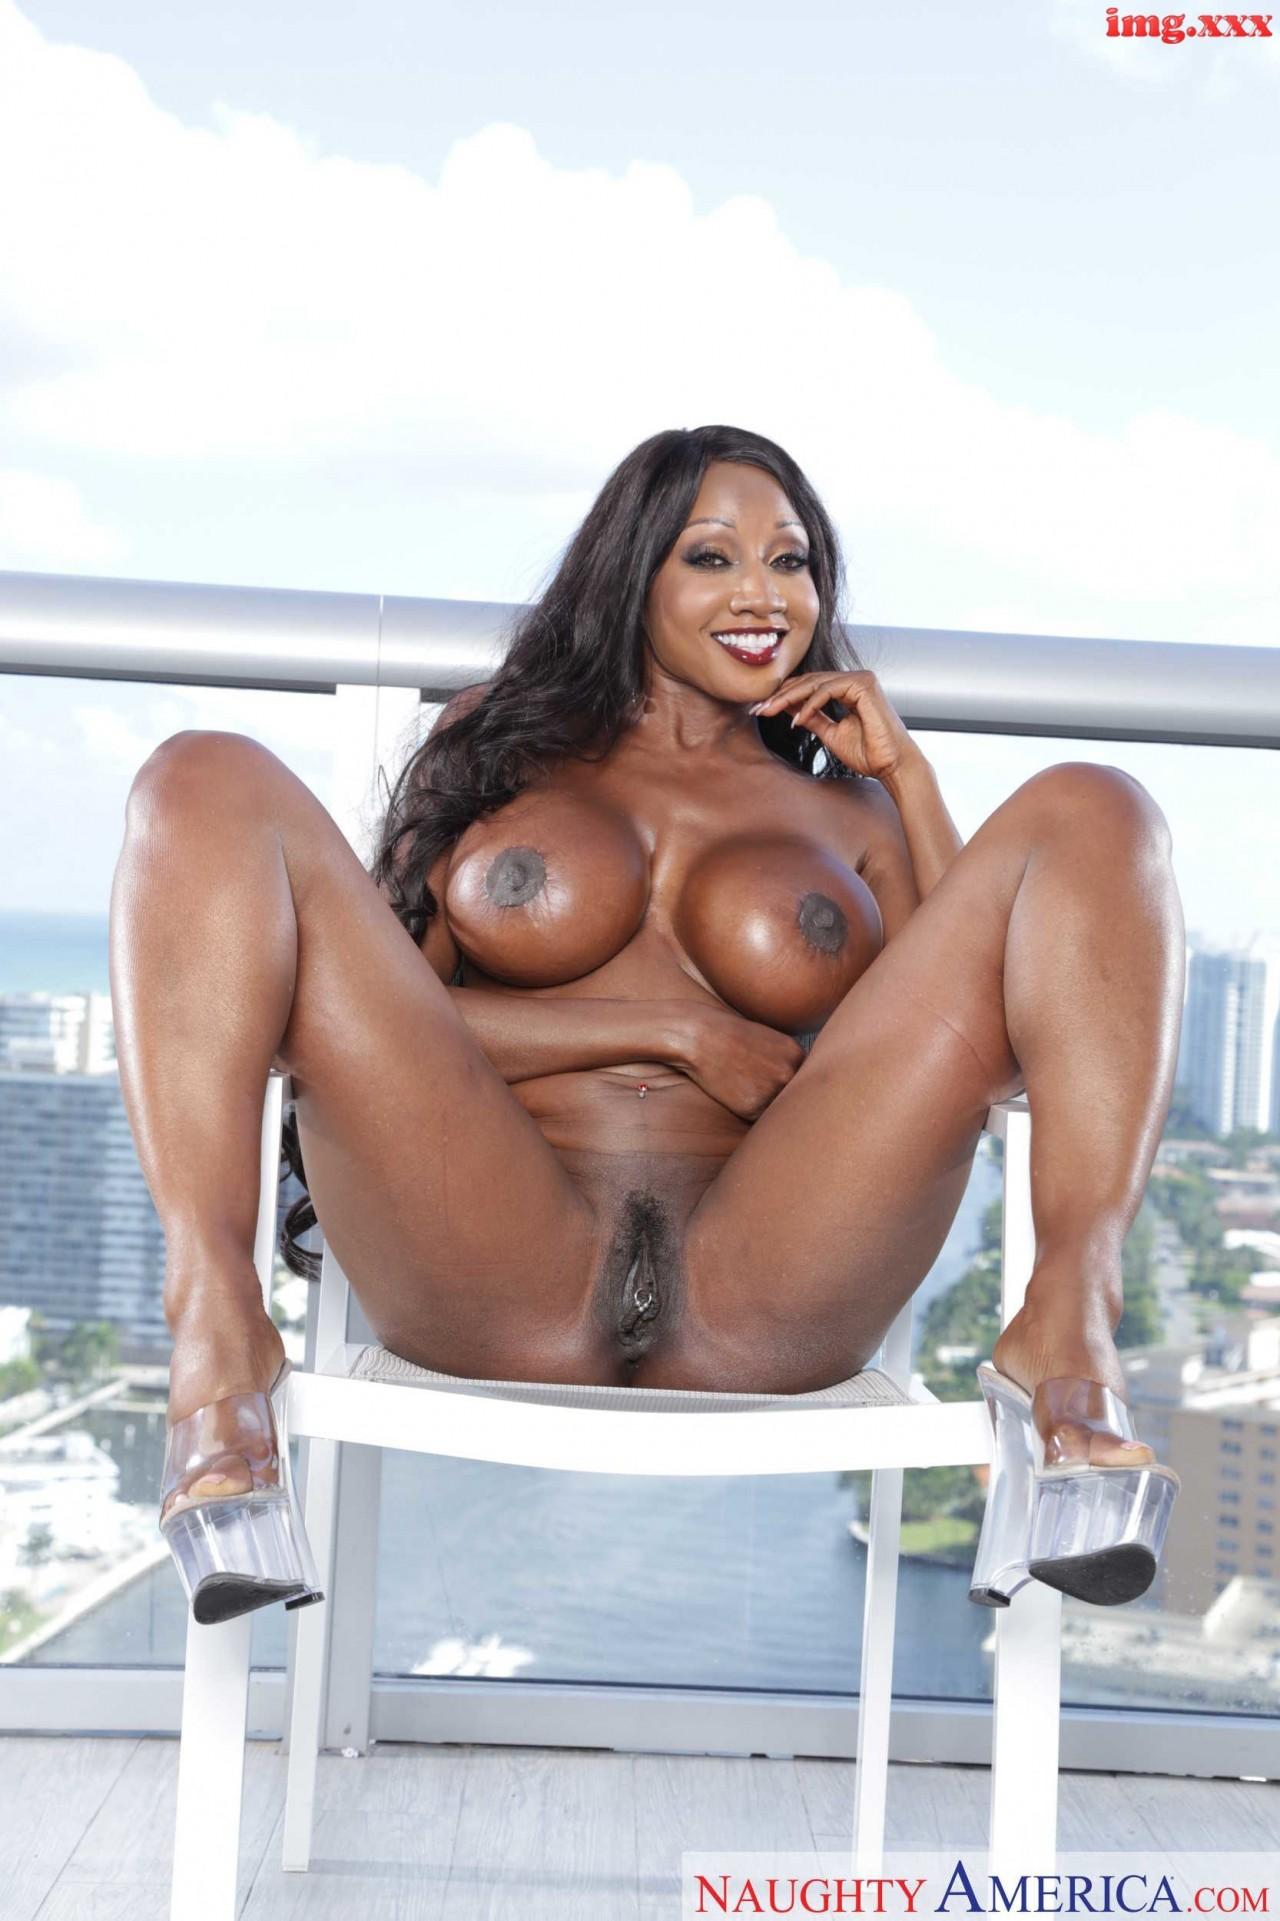 Paige wyatt nude pics